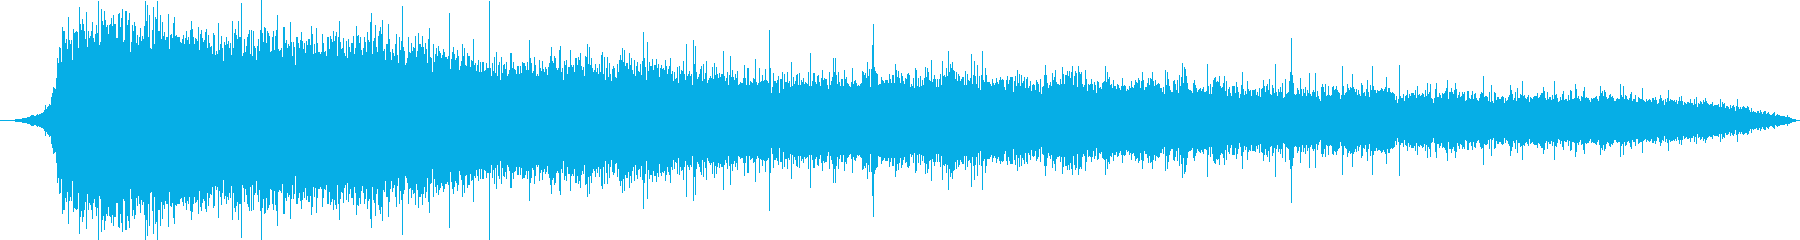 大規模なアリーナの群集:ゴール、ス...の再生済みの波形